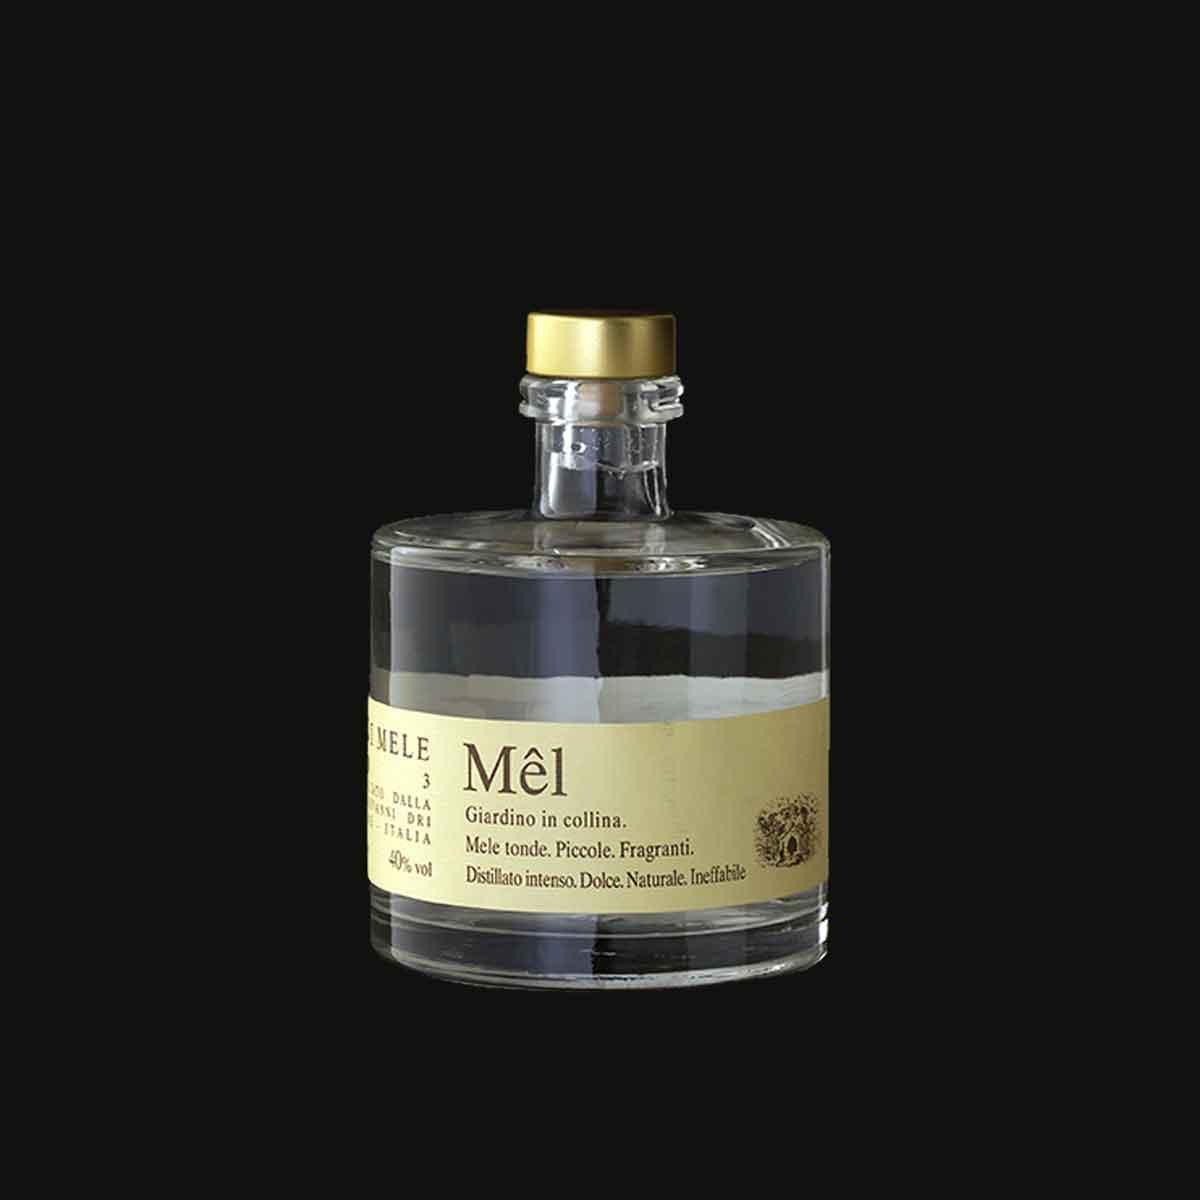 Distillato di Mele Mêl, Dri Il Roncat - Compra Online Distillati e Grappe